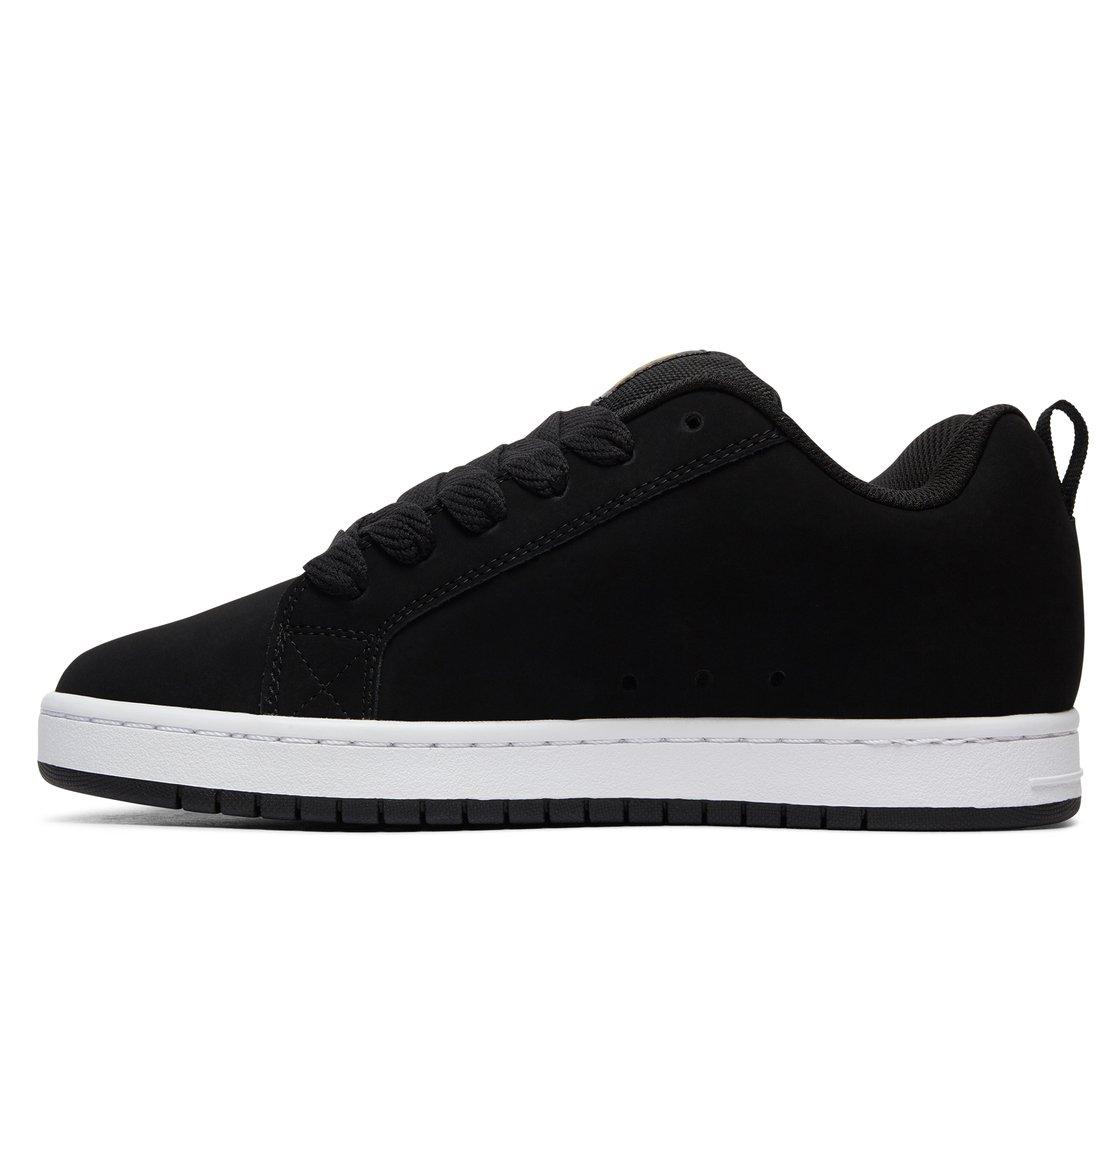 DC Shoes Men's Court Graffic Se Low Top Shoes White/Black 11 XdY8M